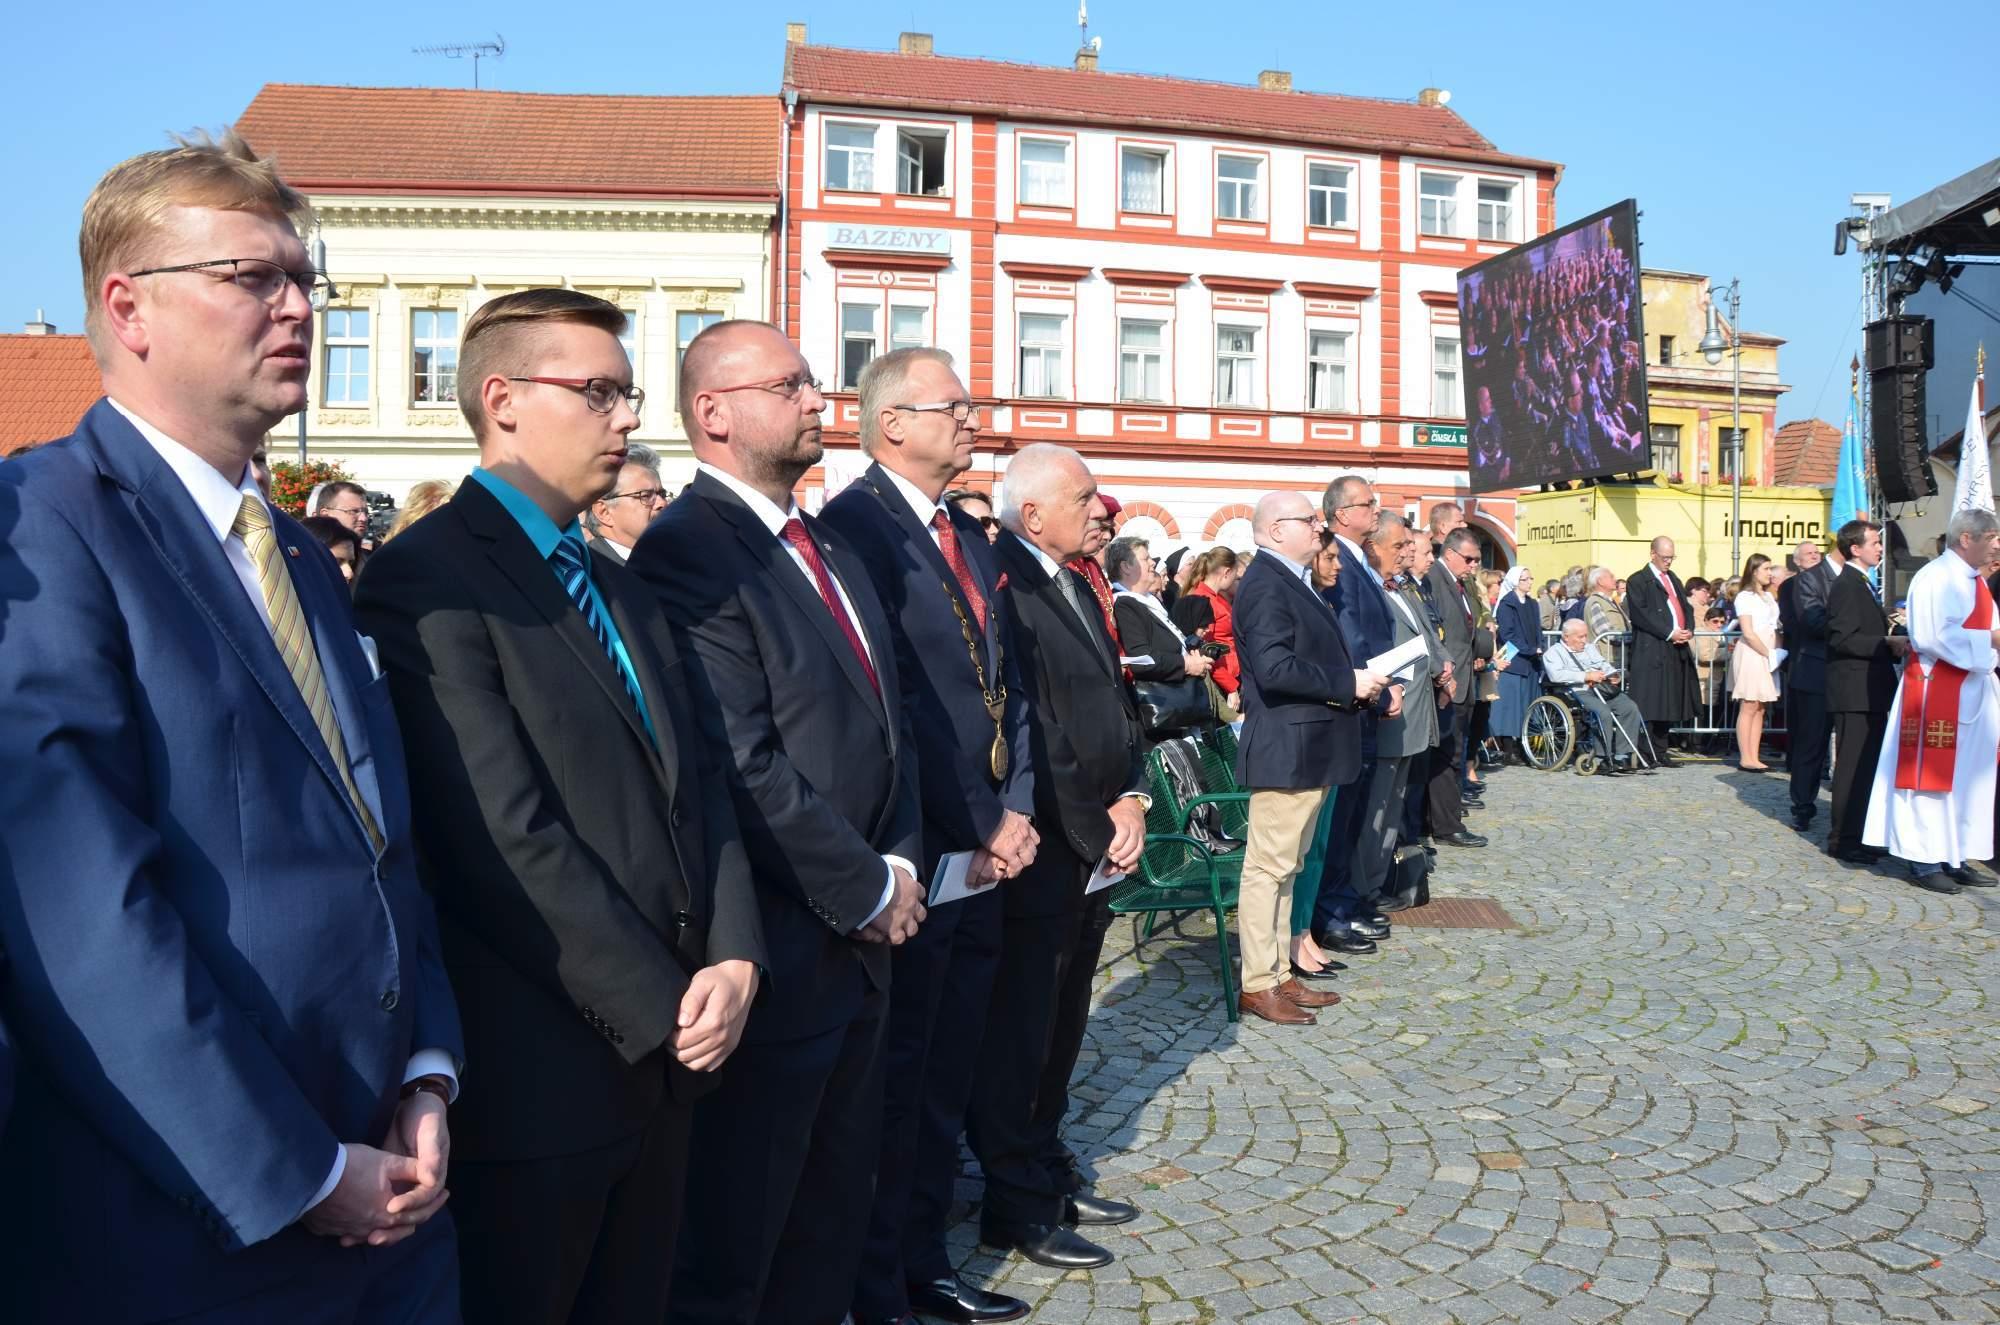 Duchovního programu se zúčastnili i někteří politici